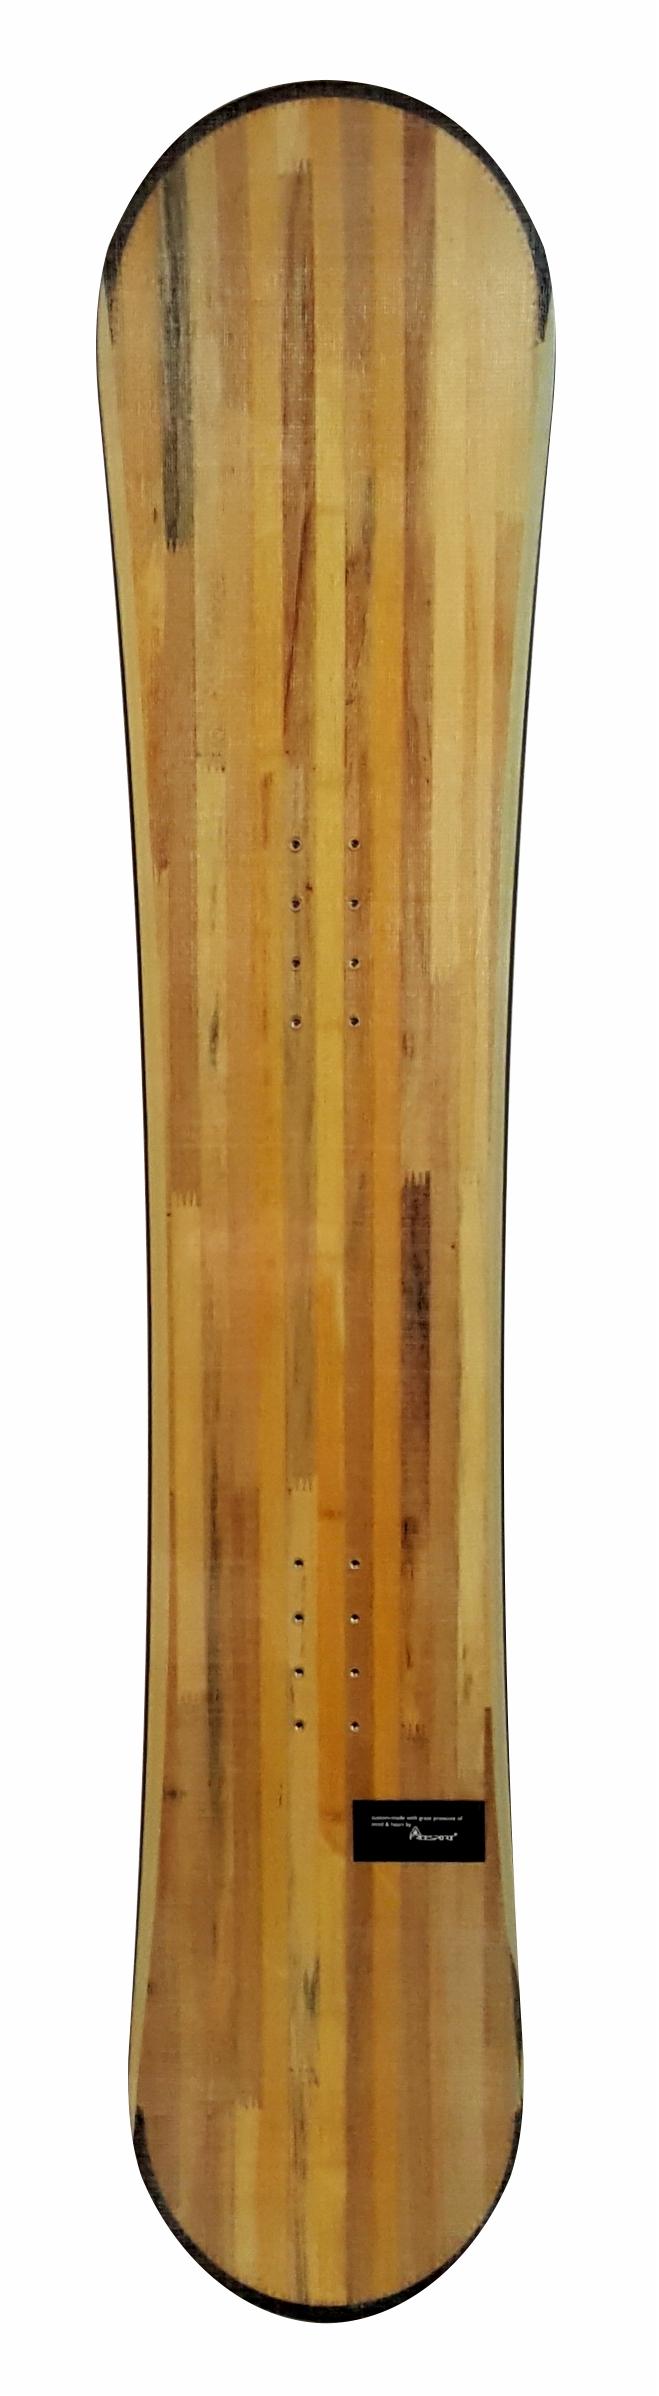 Snowboard - Wood Veneer - Top.jpg